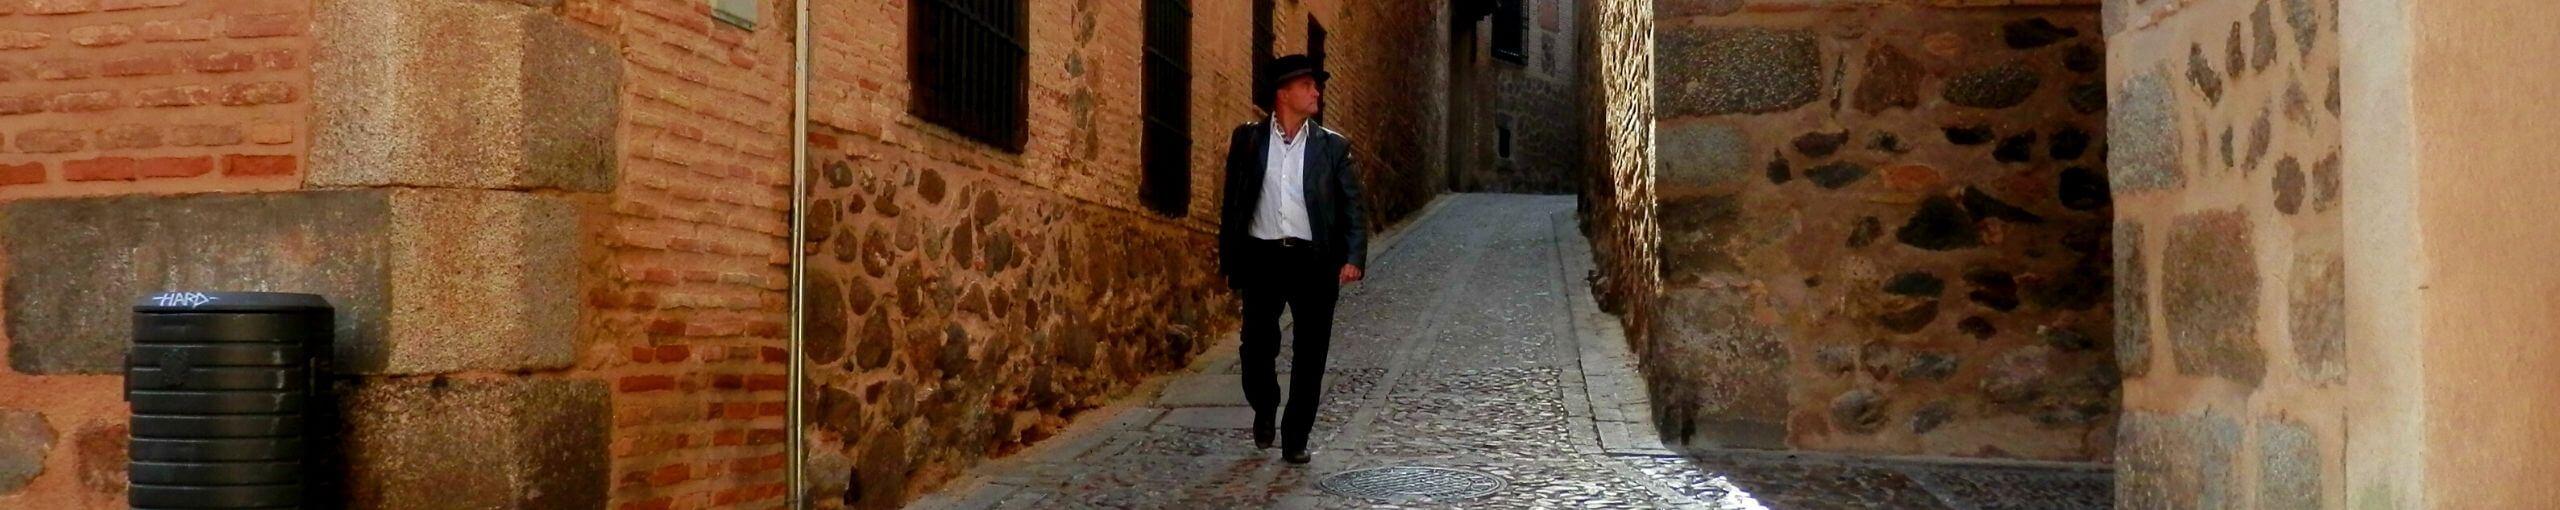 Paseando por Toledo. Castilla la Mancha.